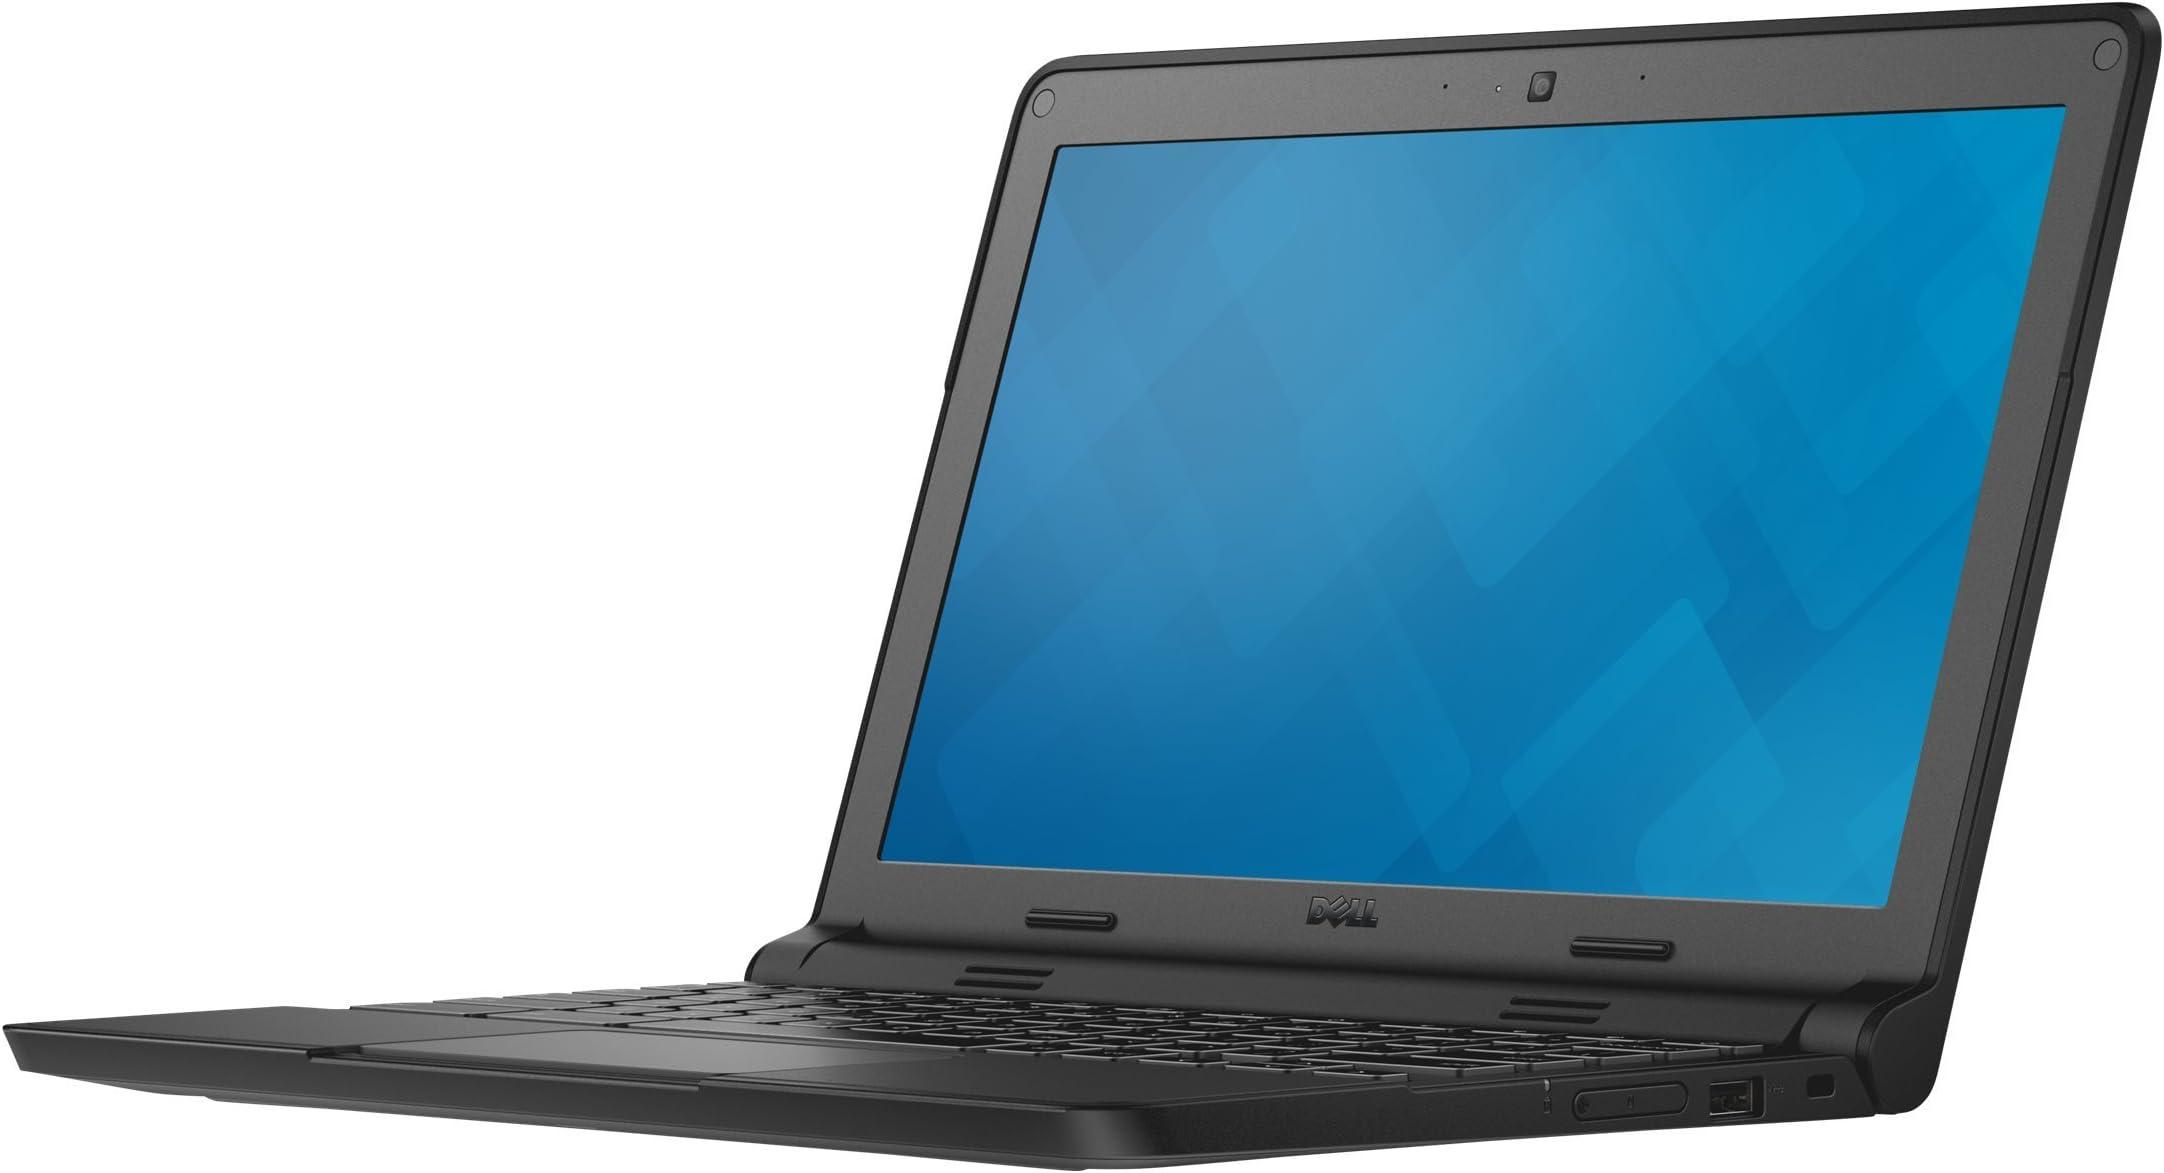 Dell Chromebook 3120 Intel celeron n2840 2.16Hgz, 16GB Storage 4gb Ram (Renewed)